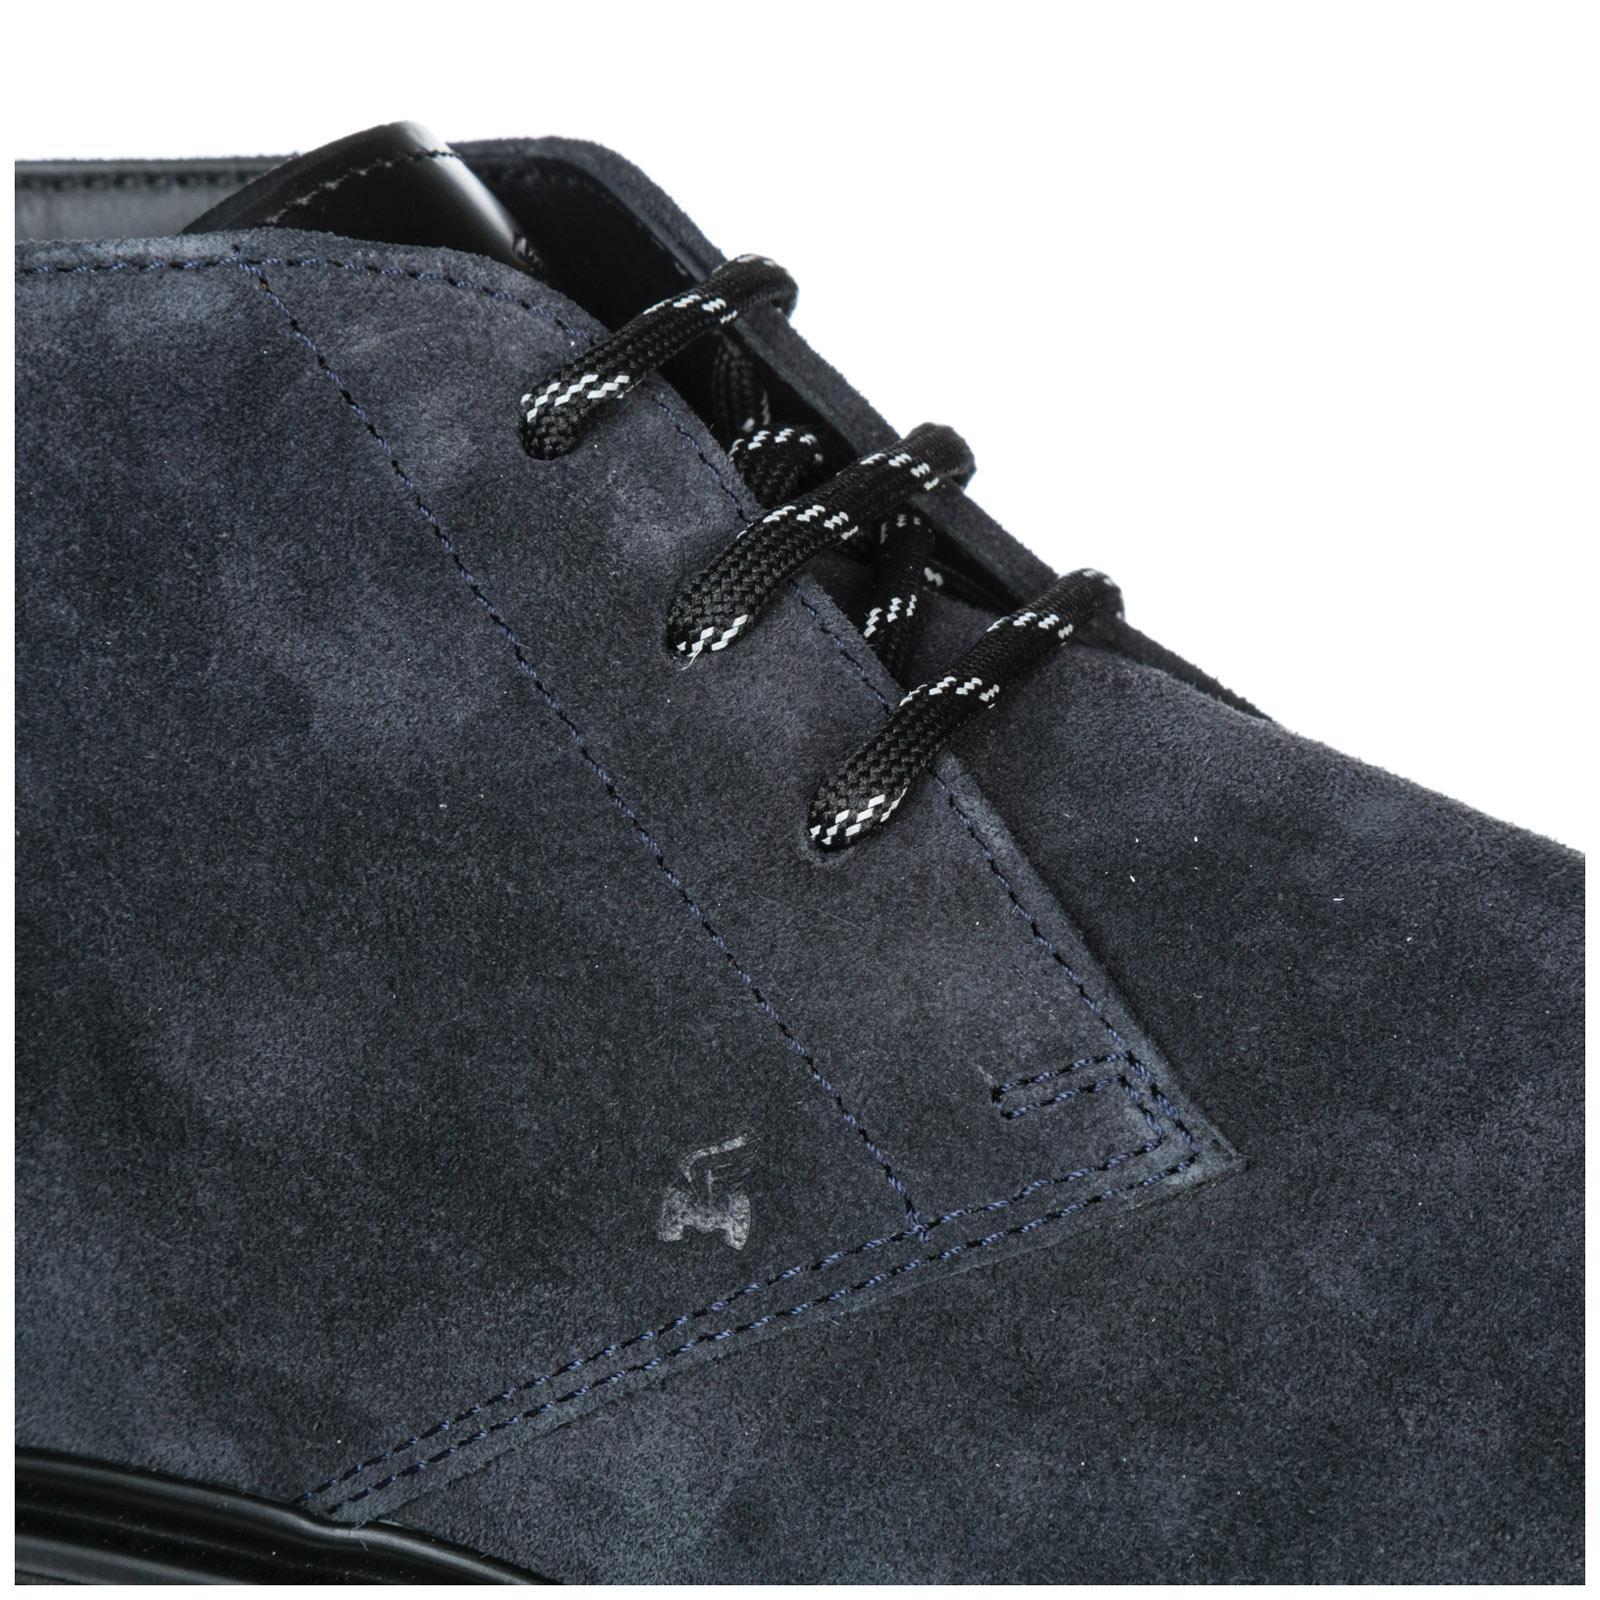 scarpe stivaletti Polacchine camoscio h393 uomo gw1q56